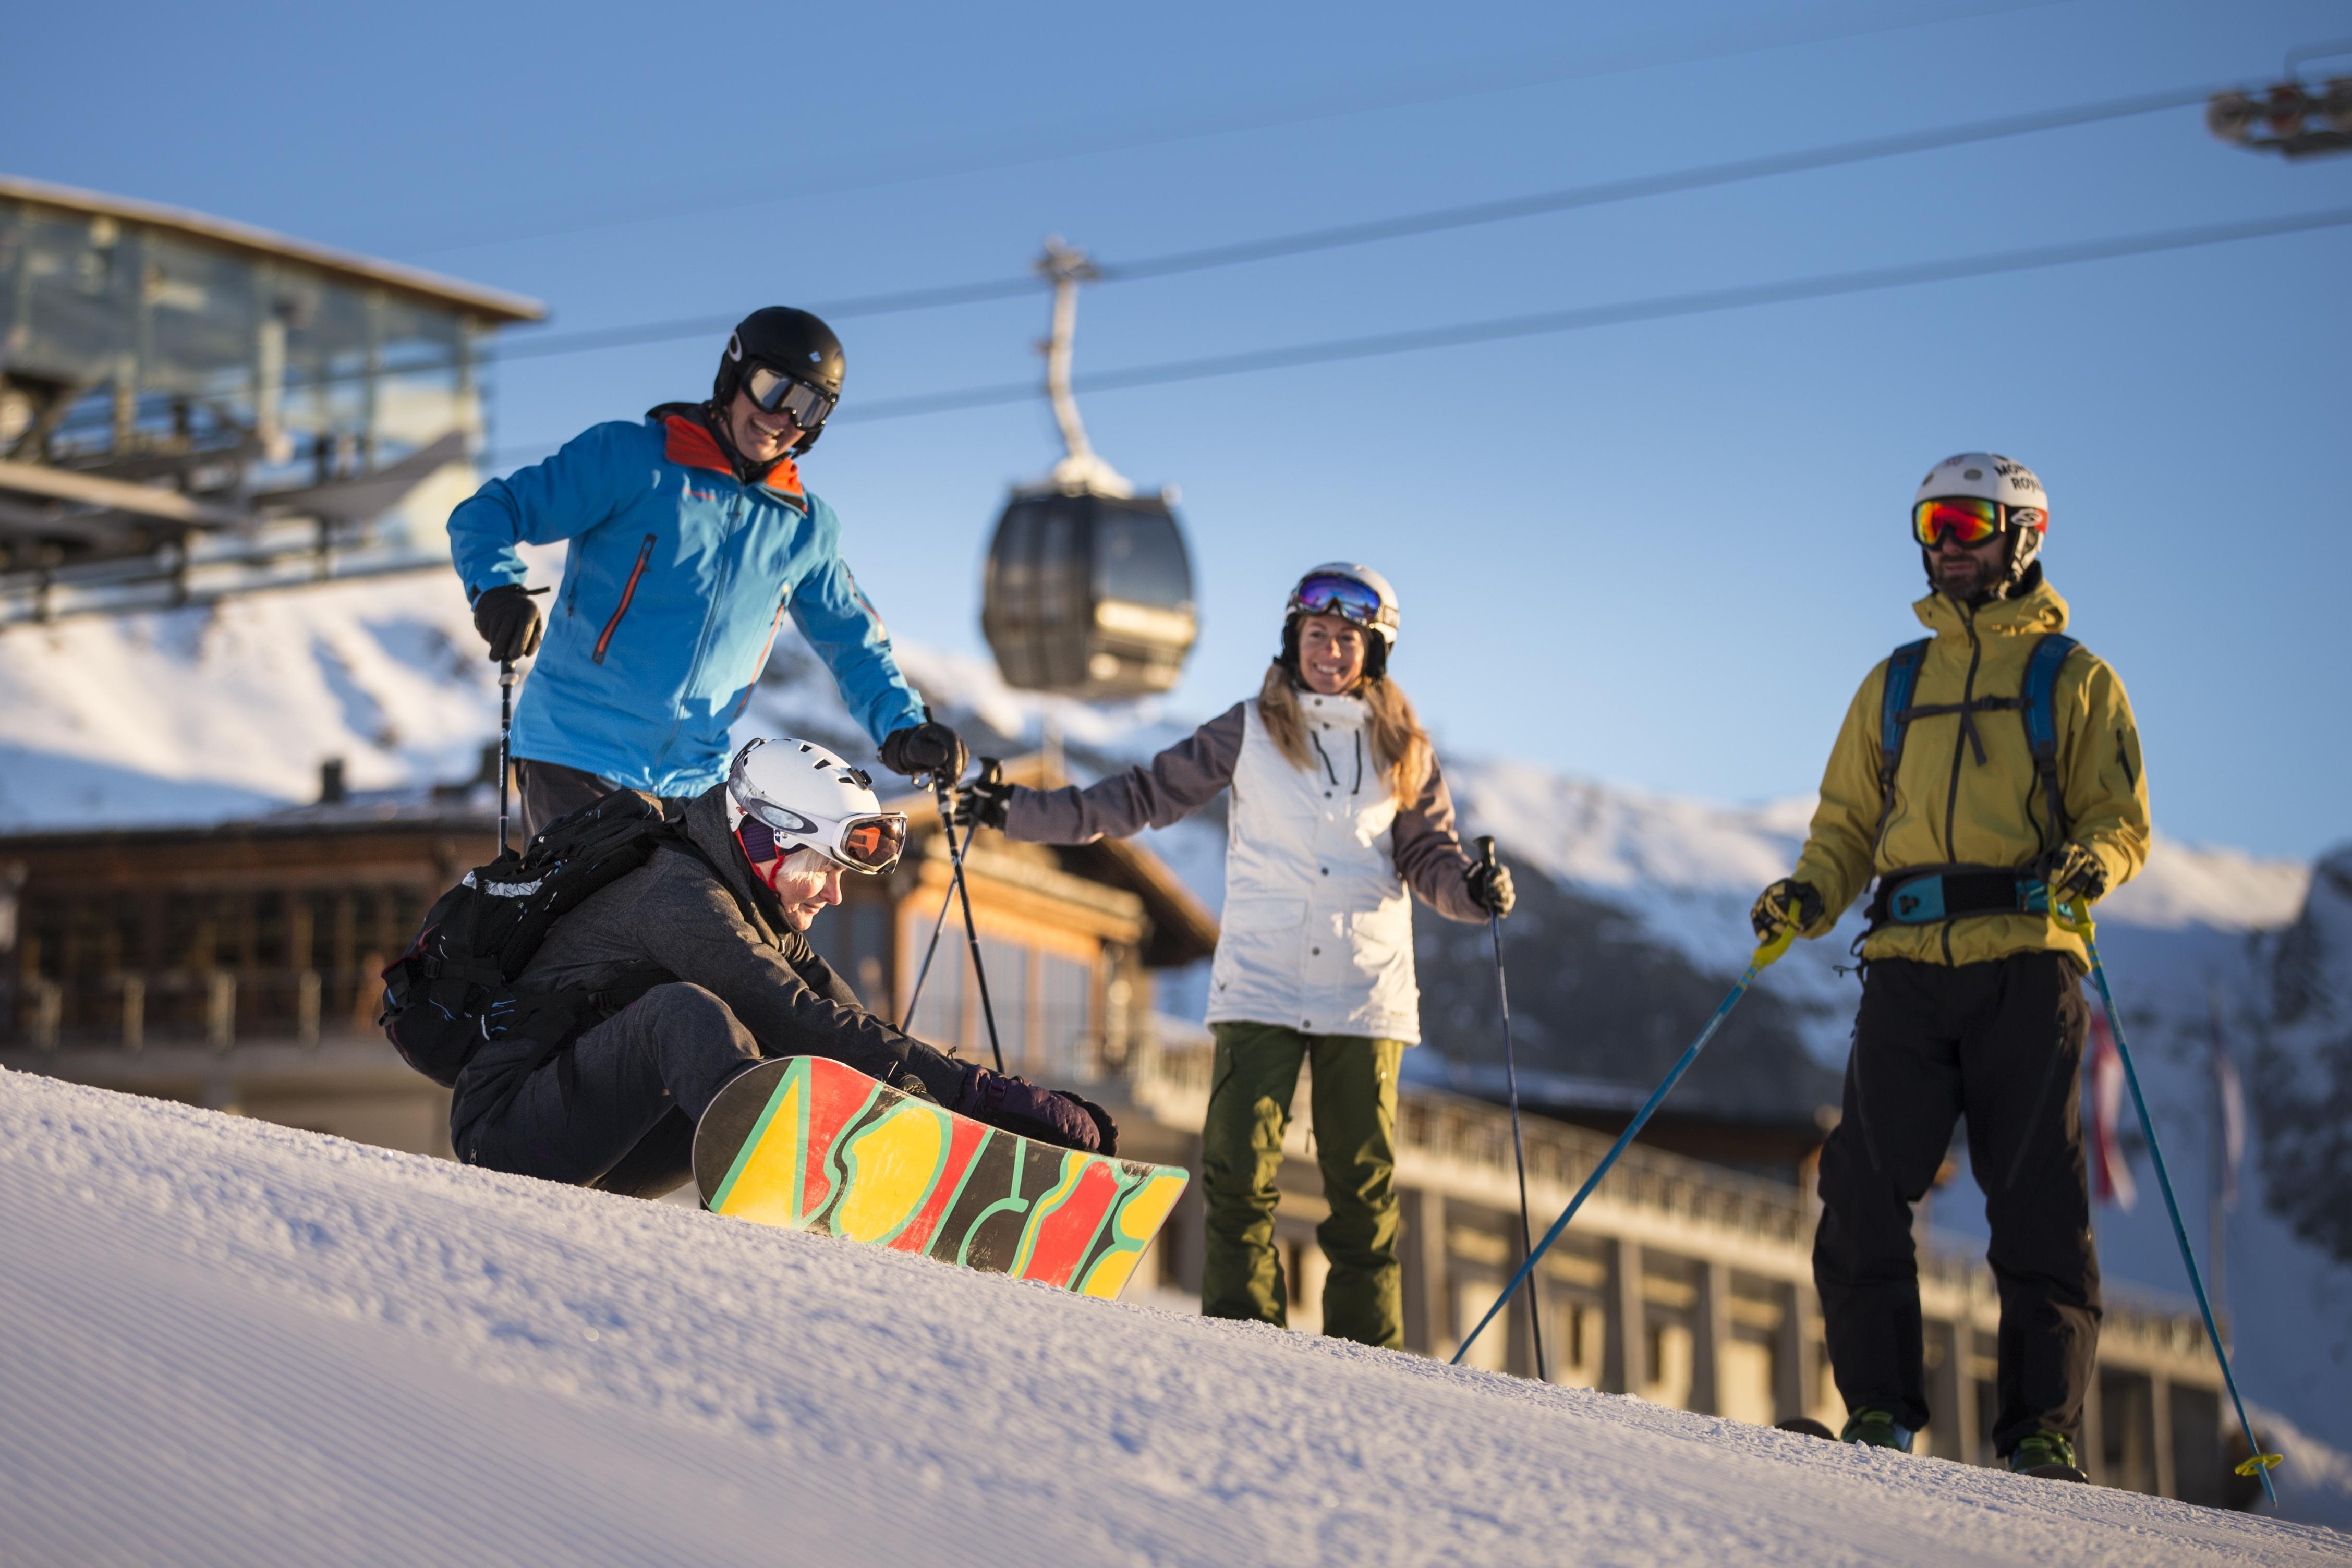 Schneesporttag, © Weisse Arena Bergbahnen AG, Gaudenz Danuser